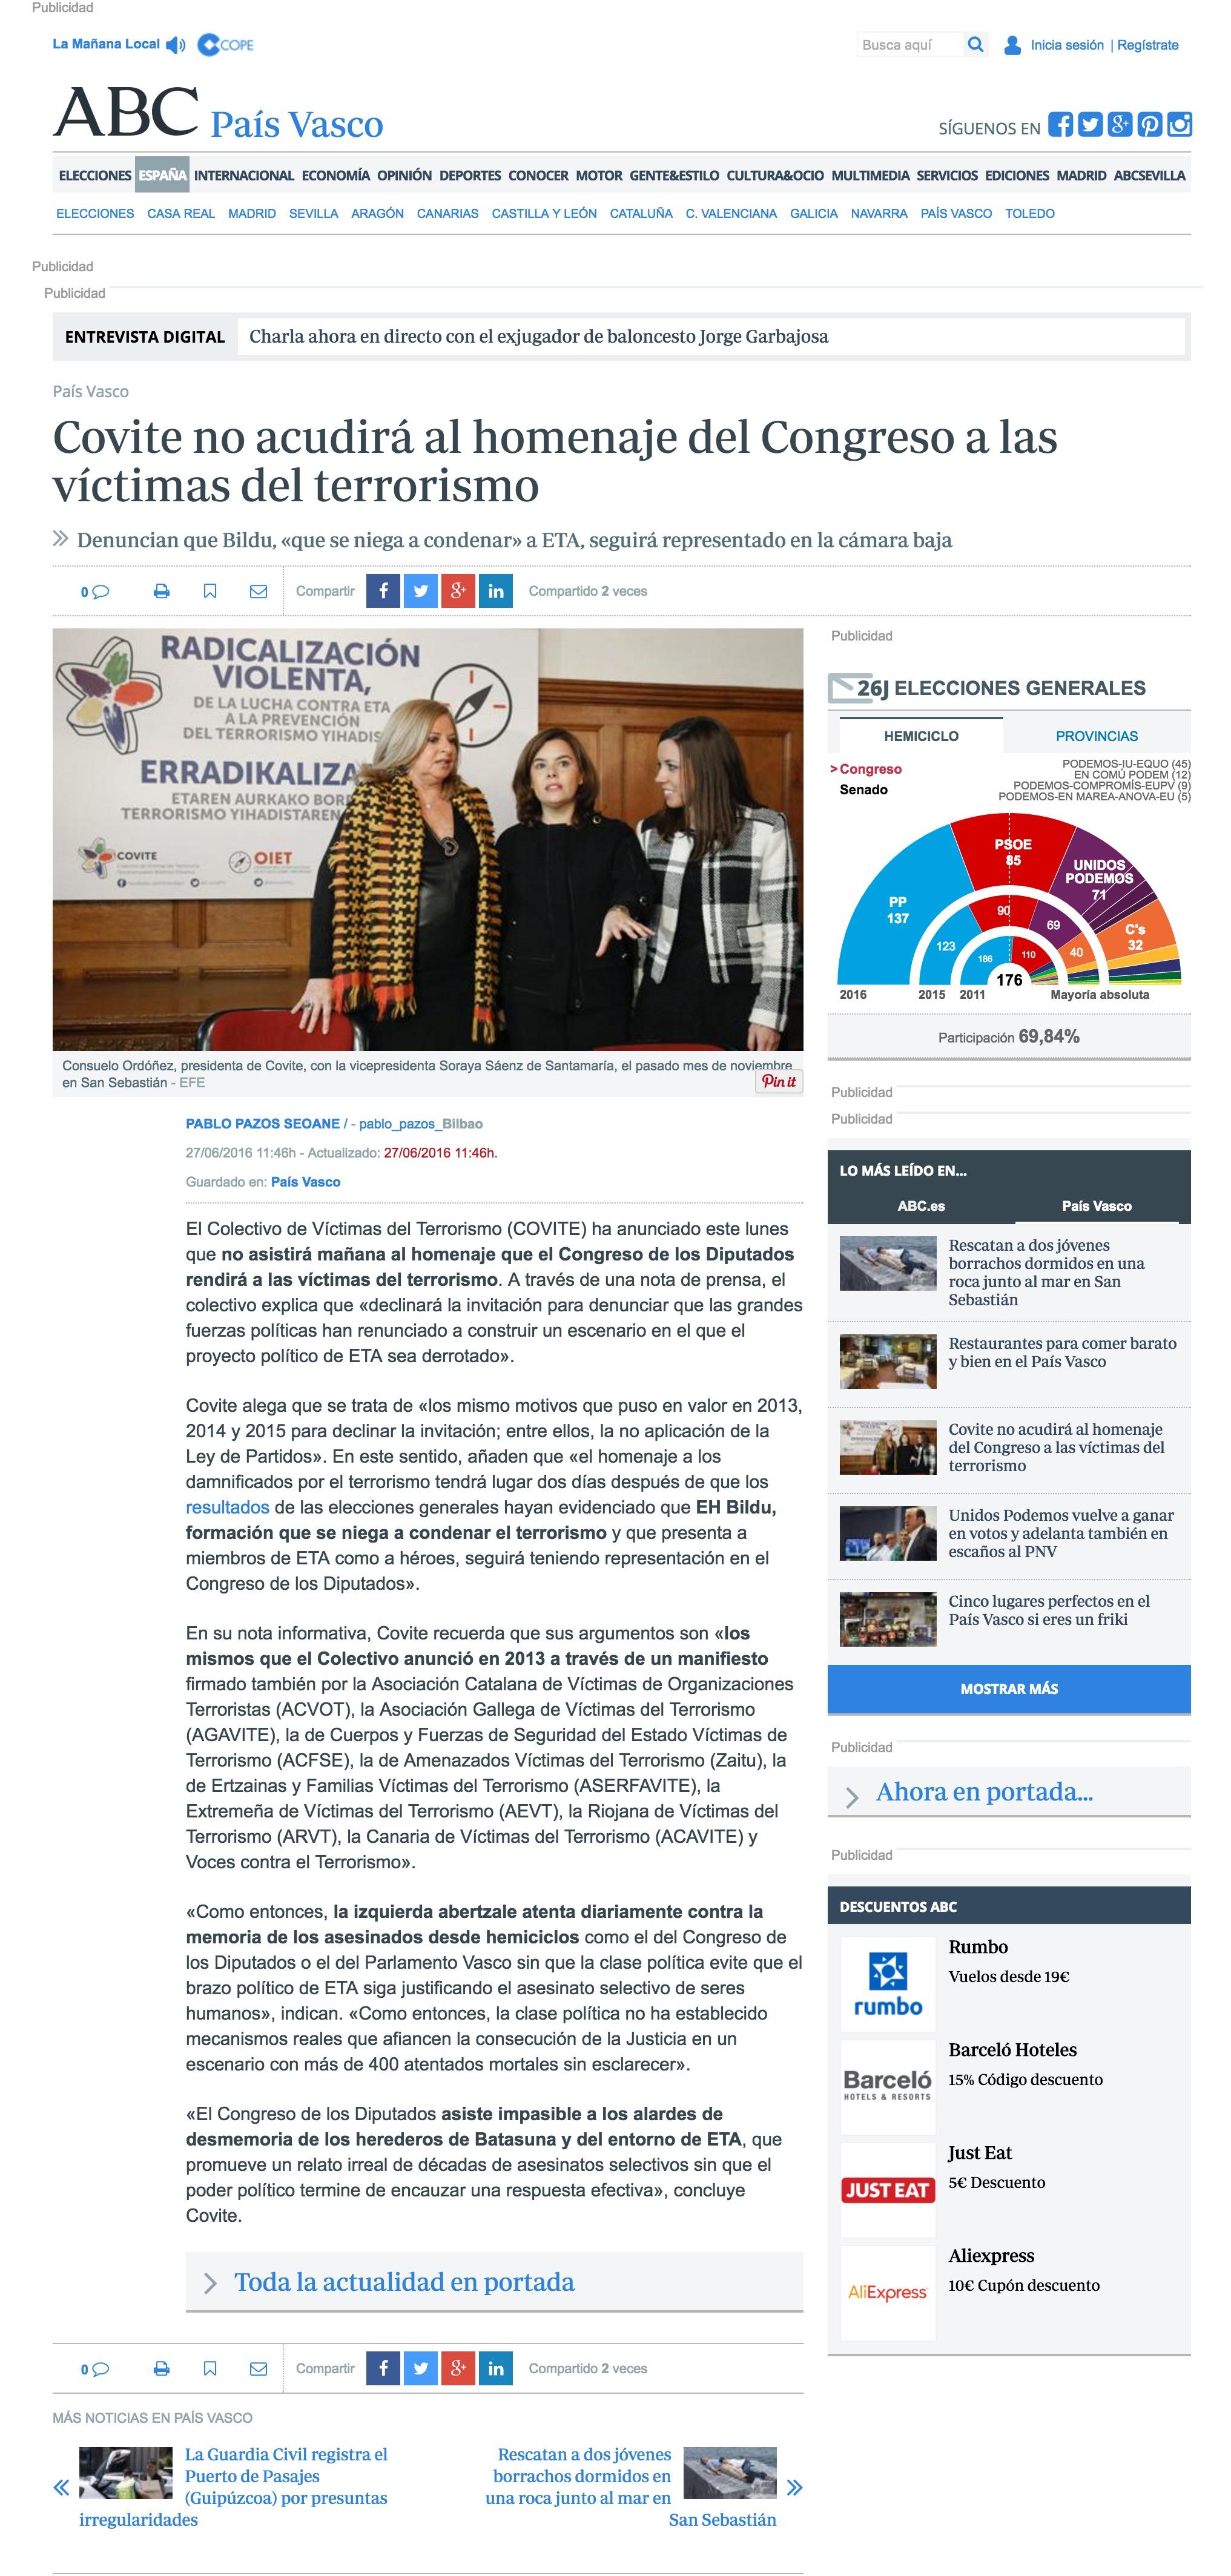 congreso_abcpv